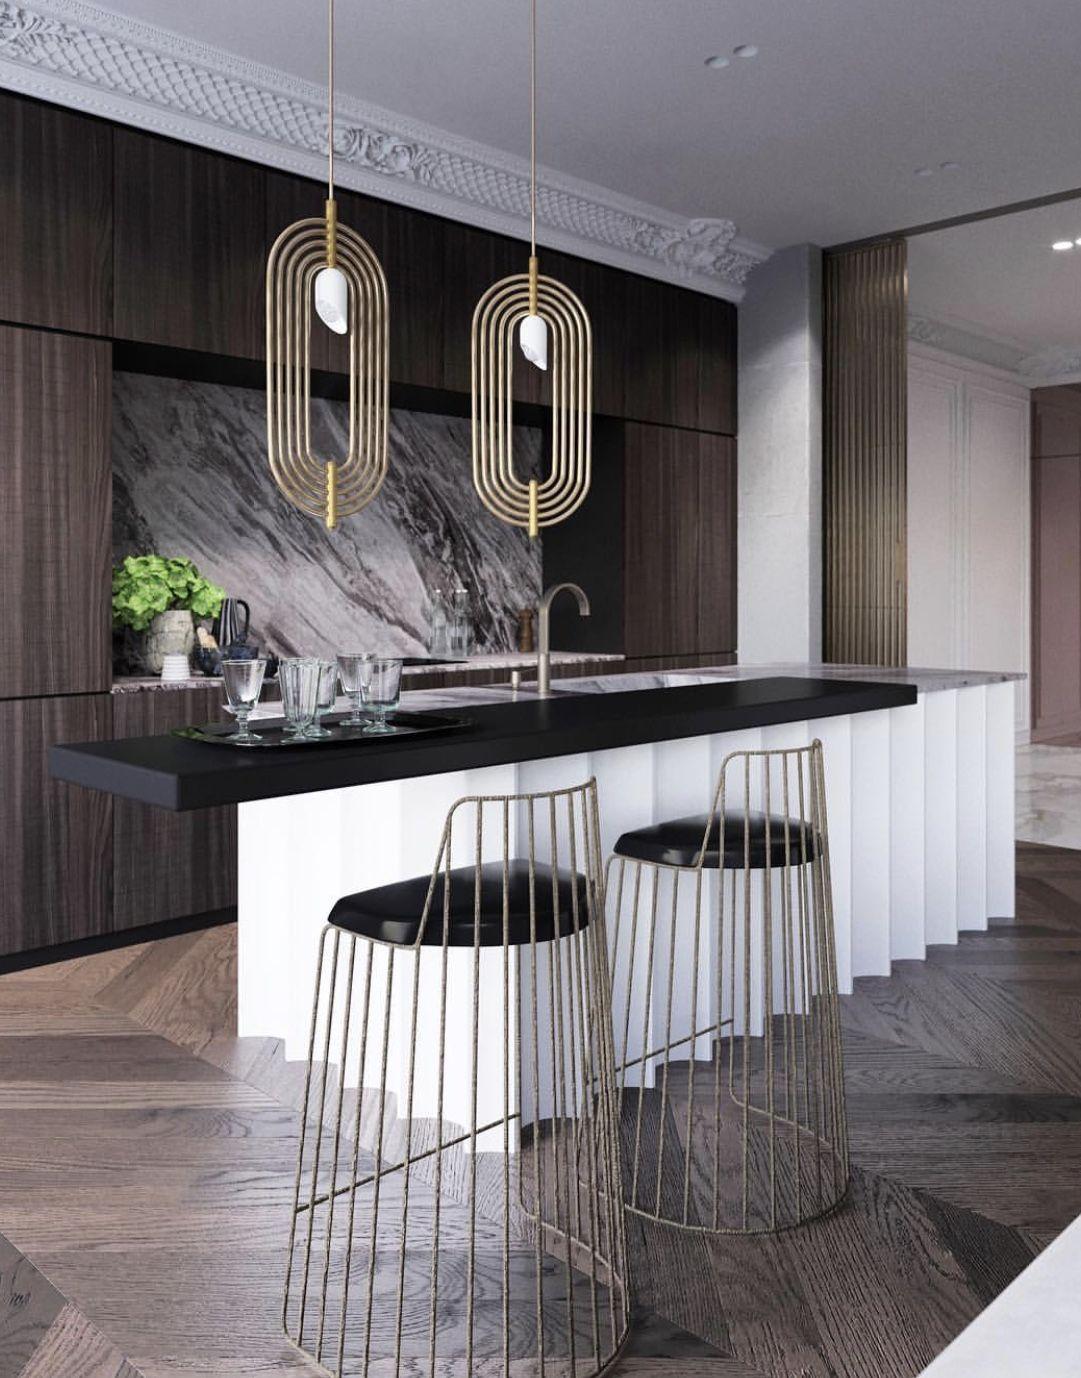 Modern Kitchen Design Interiordesign Kitchendesign Kitchen Luxury Kitchen Design Contemporary Kitchen Design Luxury Kitchens